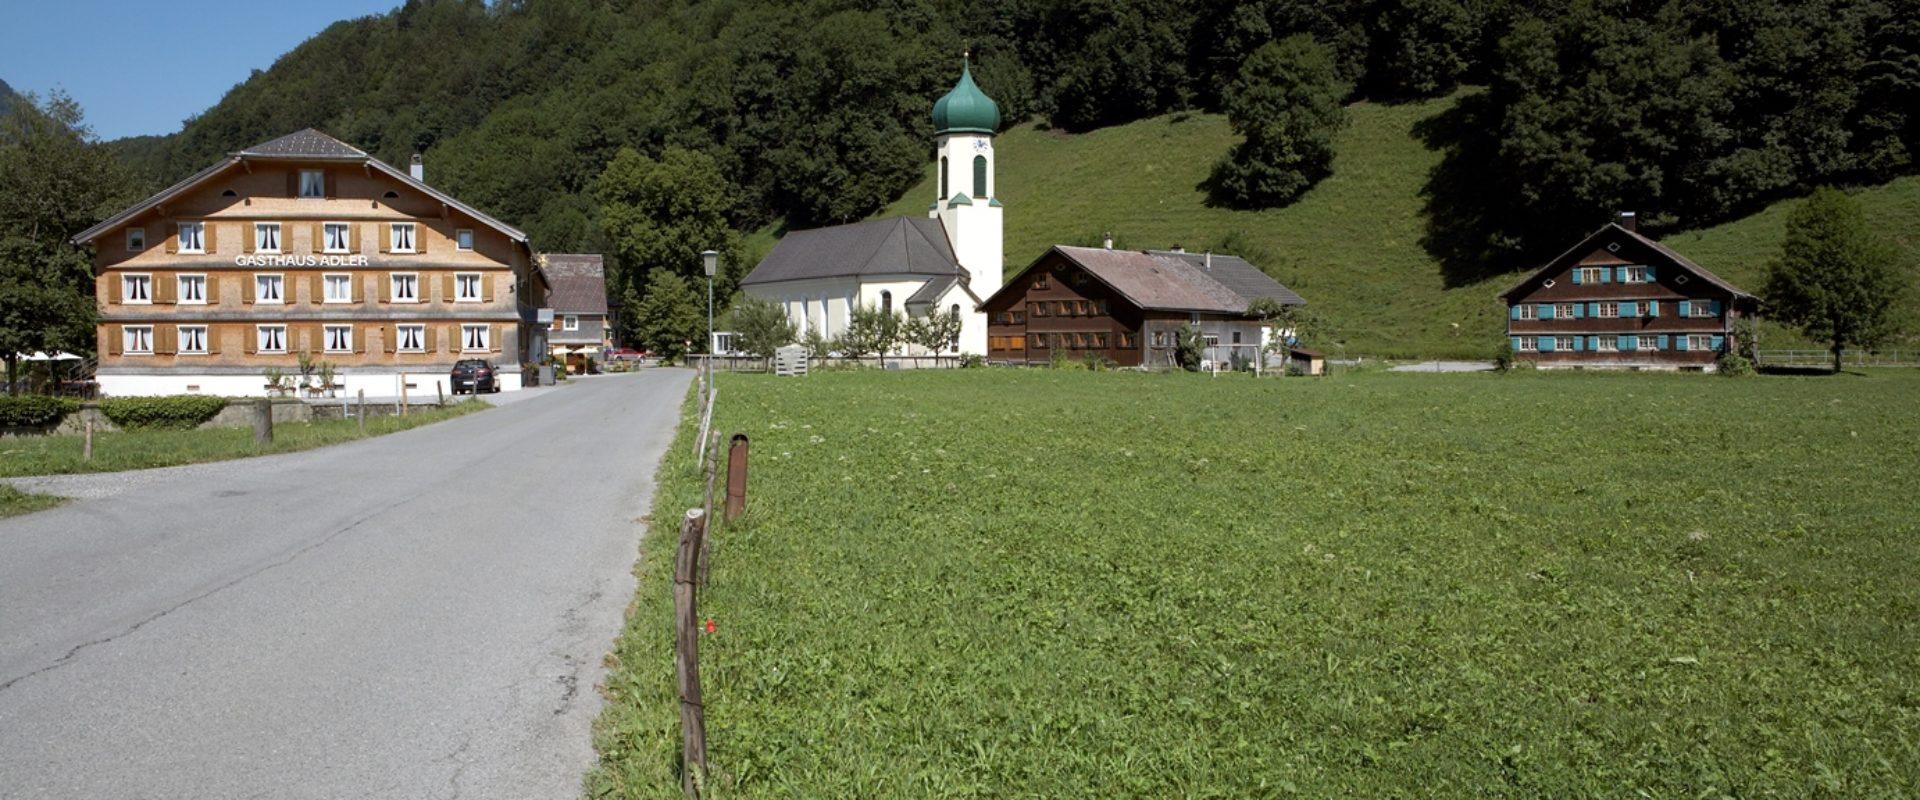 Schnepfau_Christoph Lingg_Bregenzerwald Tourismus